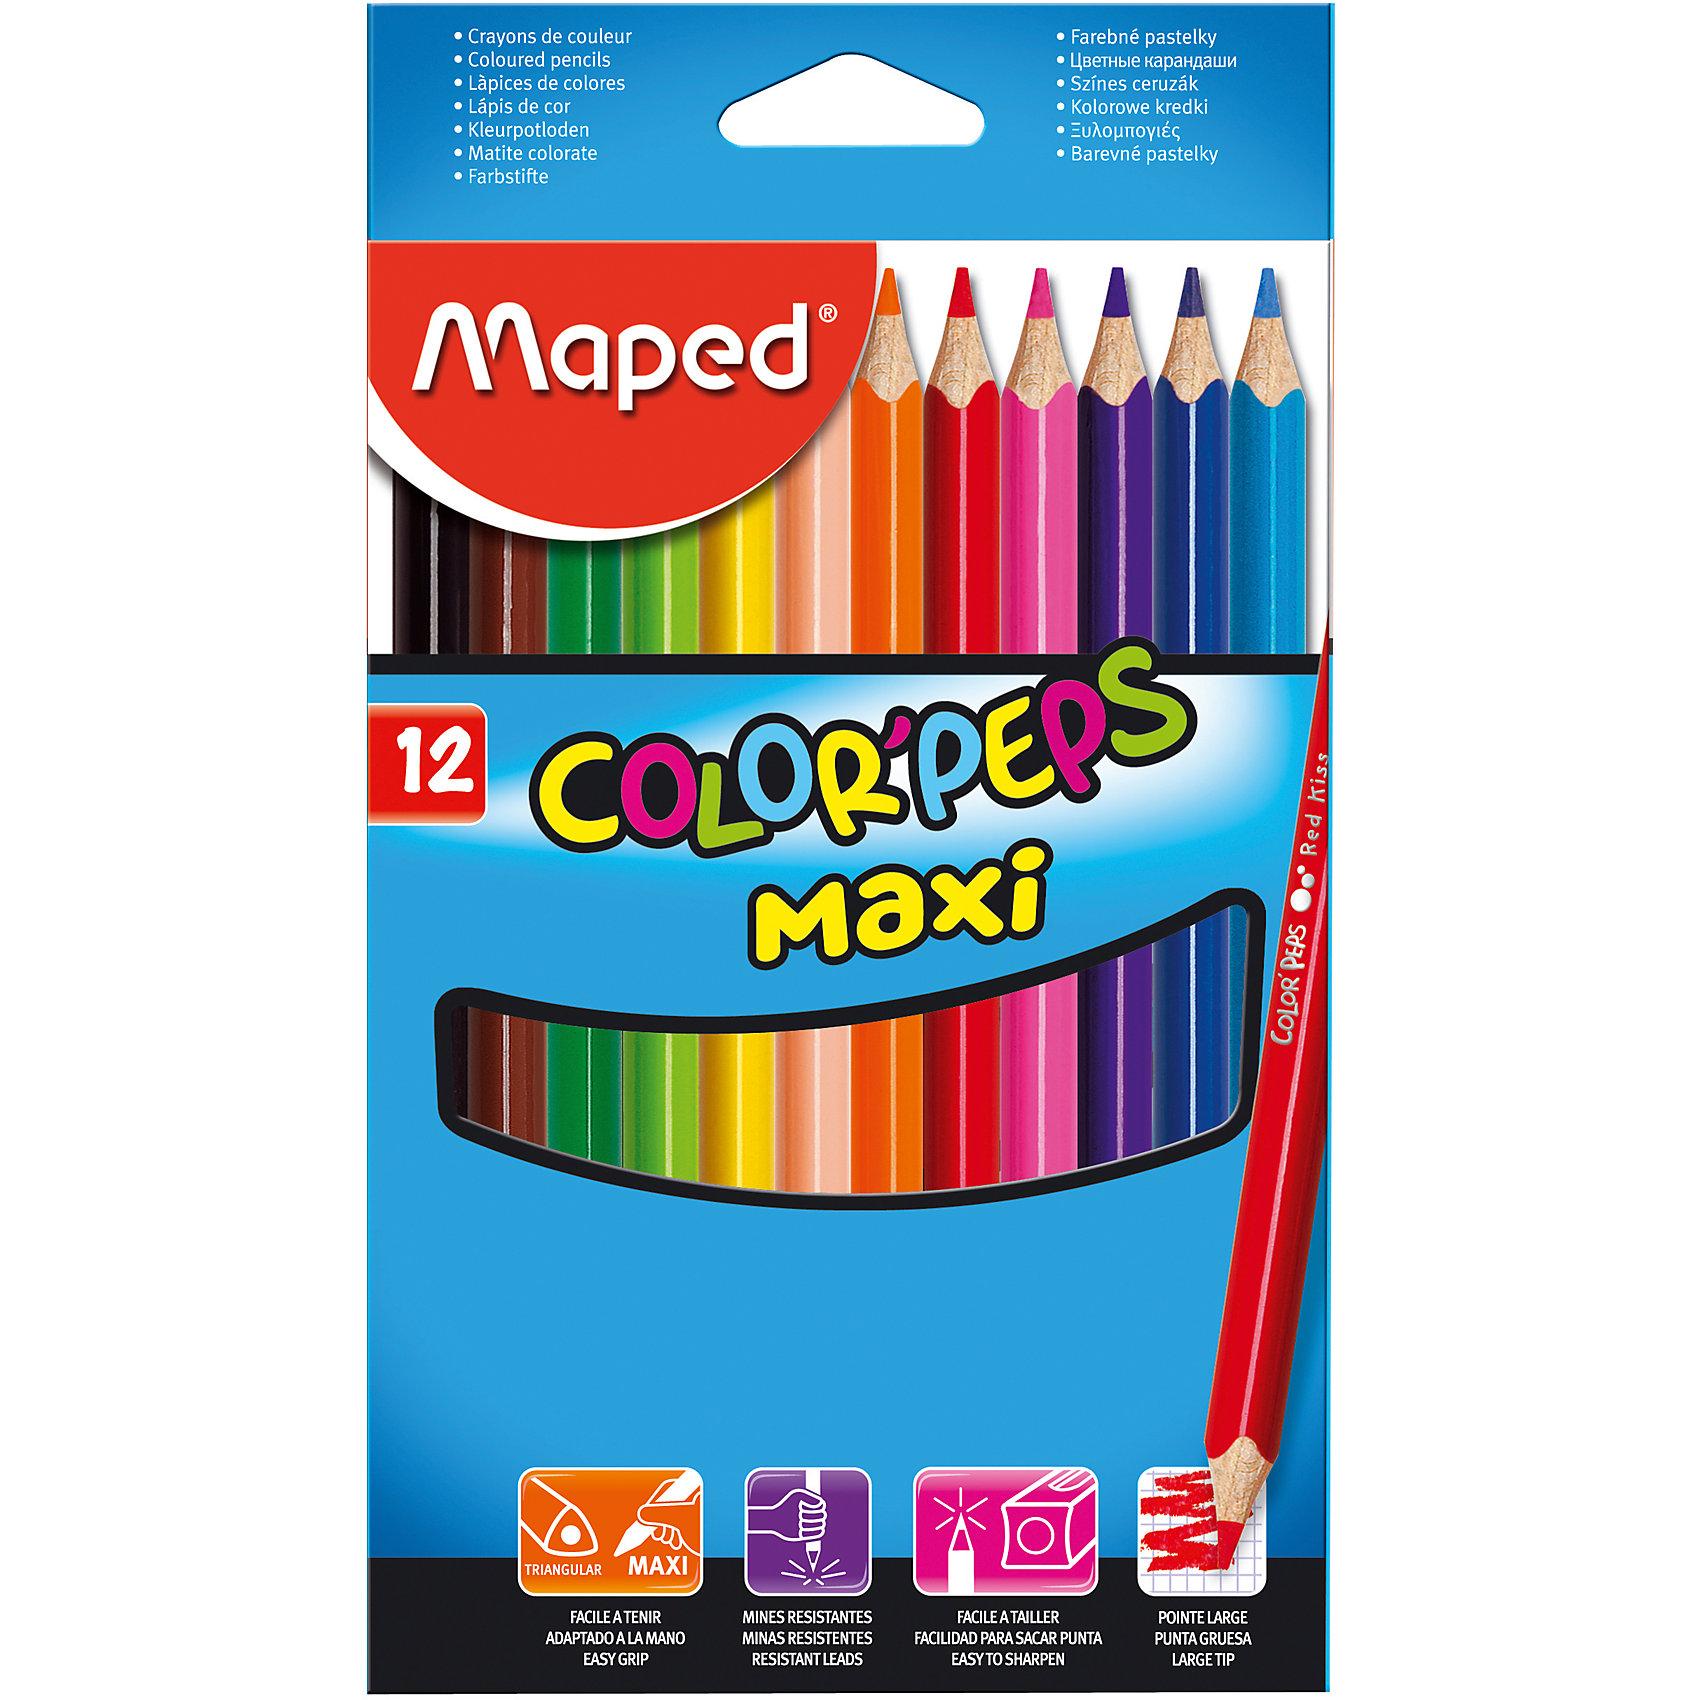 Набор цветных карандашей COLORPEPS MAXI, 12 цв.Набор цветных карандашей COLORPEPS MAXI, 12 цв. от марки Maped<br><br>Эти карандаши созданы компанией Maped для комфортного и легкого рисования. Легко затачиваются, при этом грифель очень устойчив к поломкам. Цвета яркие, линия мягкая и однородная.<br>Грифель - из высококачественного материала. В наборе - 12 карандашей разных цветов. Они отлично лежат в руке благодаря удобной форме и качественному покрытию. Действительно удобный инструмент для рисования. Созданы для ярких картин! Безопасны для детей. Данный набор отличается большим диаметром карандашей, что делает его оптимальным для начинающих художников  - в маленькой руке такие карандаши лягут удобно.<br><br>Особенности данной модели:<br><br>материал корпуса: дерево;<br>комплектация: 12 цветных карандашей;<br>упаковка: картон;<br><br>Набор цветных карандашей COLORPEPS MAXI, 12 цв. от марки Maped можно купить в нашем магазине.<br><br>Ширина мм: 116<br>Глубина мм: 203<br>Высота мм: 11<br>Вес г: 141<br>Возраст от месяцев: 36<br>Возраст до месяцев: 2147483647<br>Пол: Унисекс<br>Возраст: Детский<br>SKU: 4684747